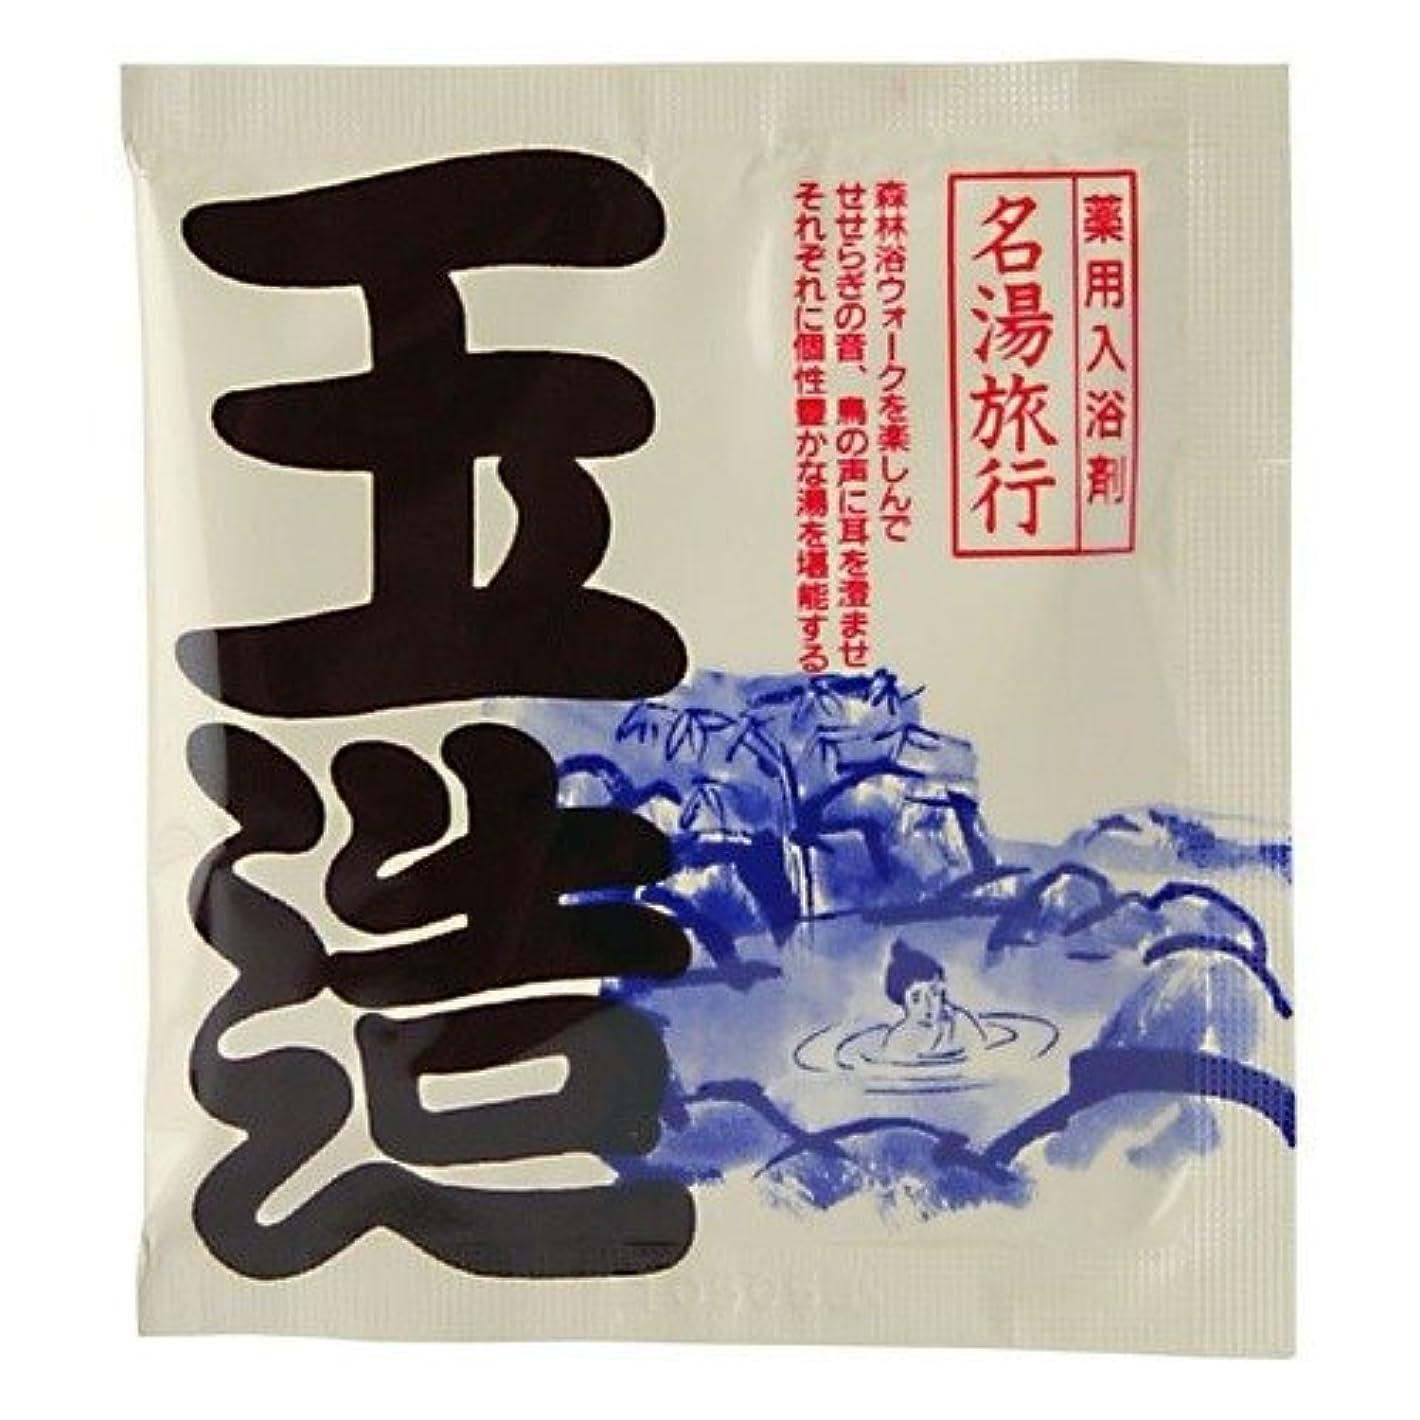 見つけた年金呼び起こす五洲薬品 名湯旅行 玉造 25g 4987332126782